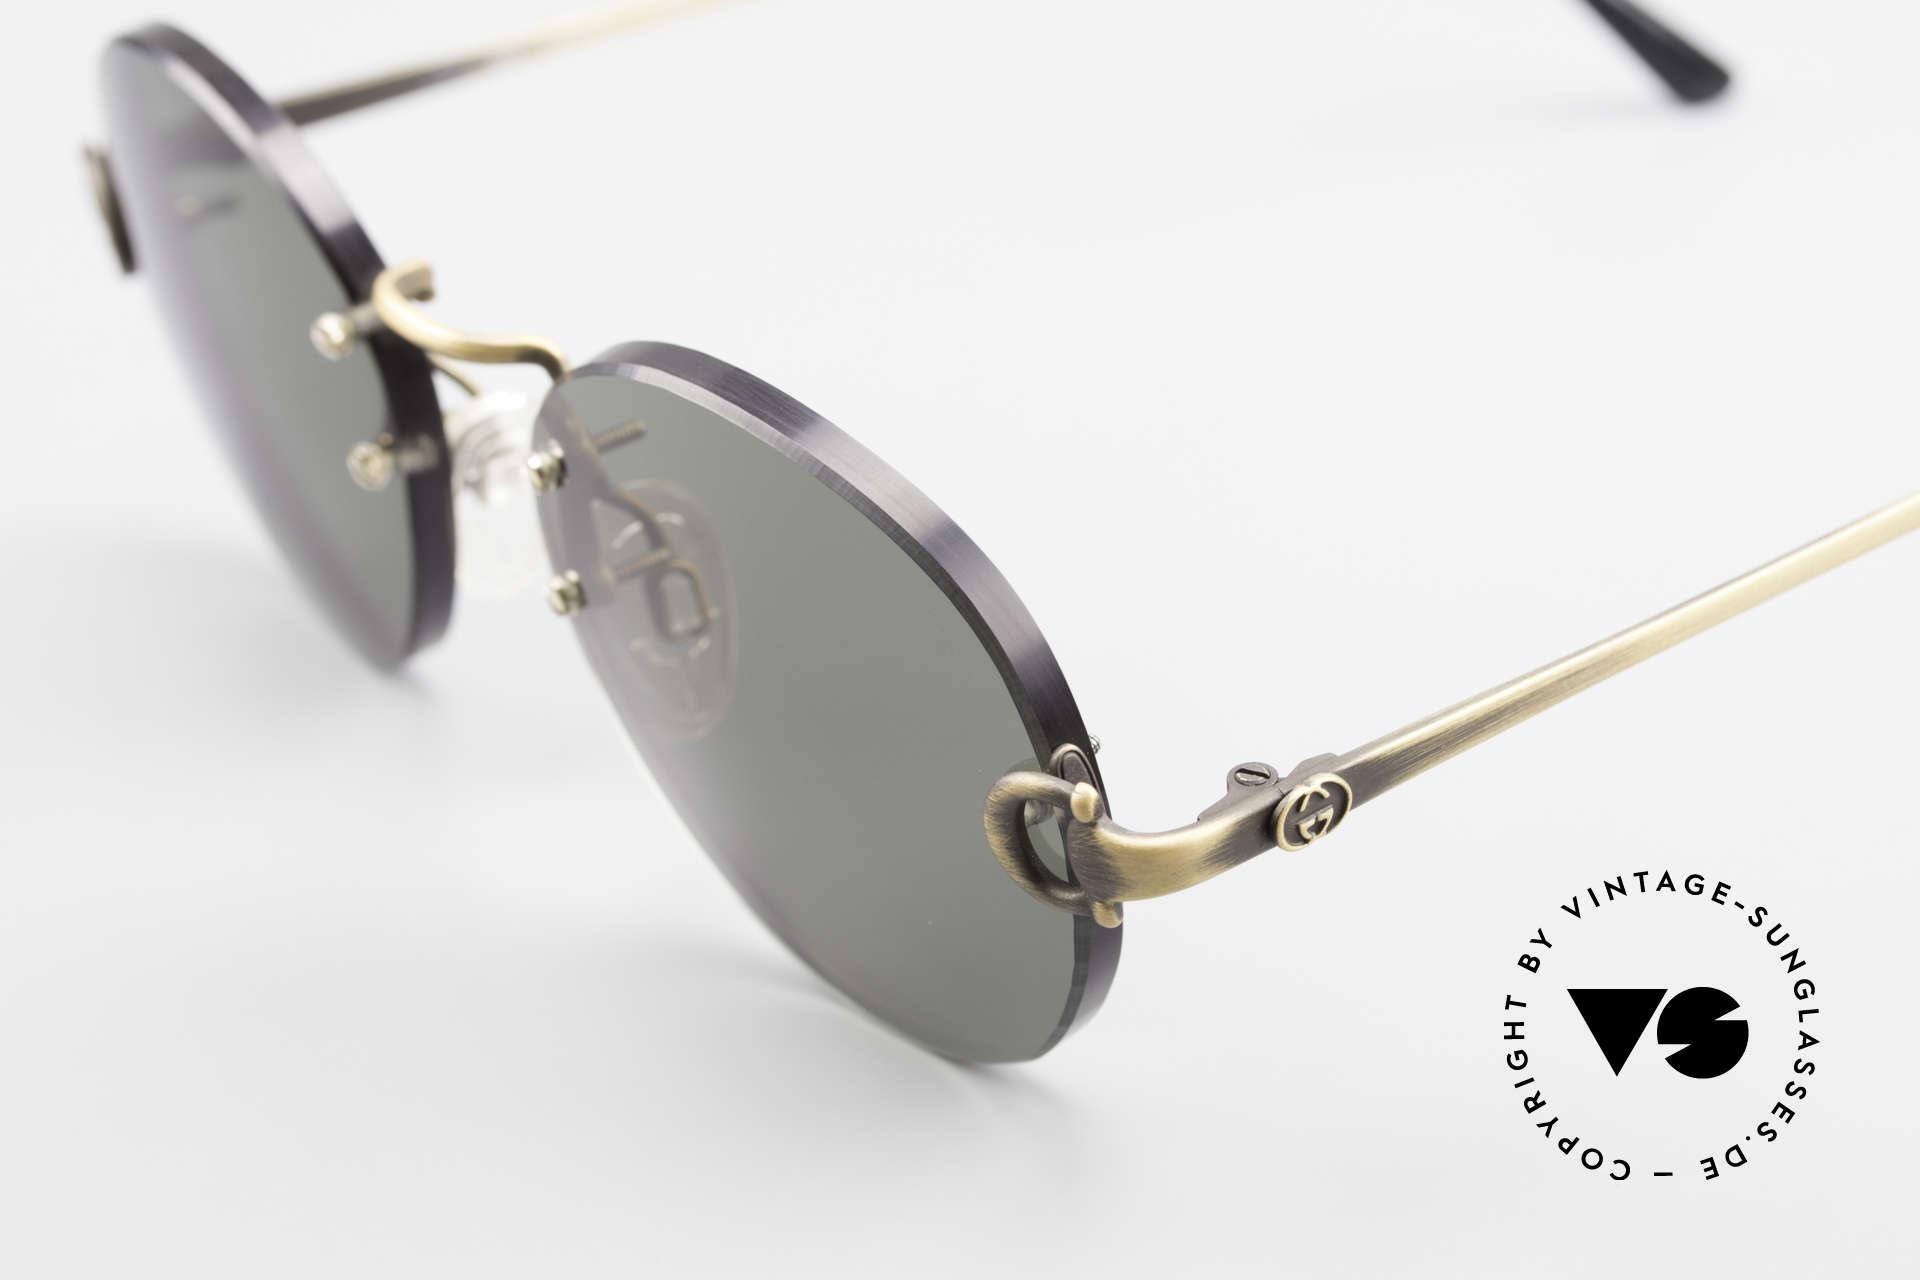 Gucci 2223 Runde Sonnenbrille Randlos, KEINE RETRObrille, sondern echte 1980er Jahre Ware, Passend für Herren und Damen